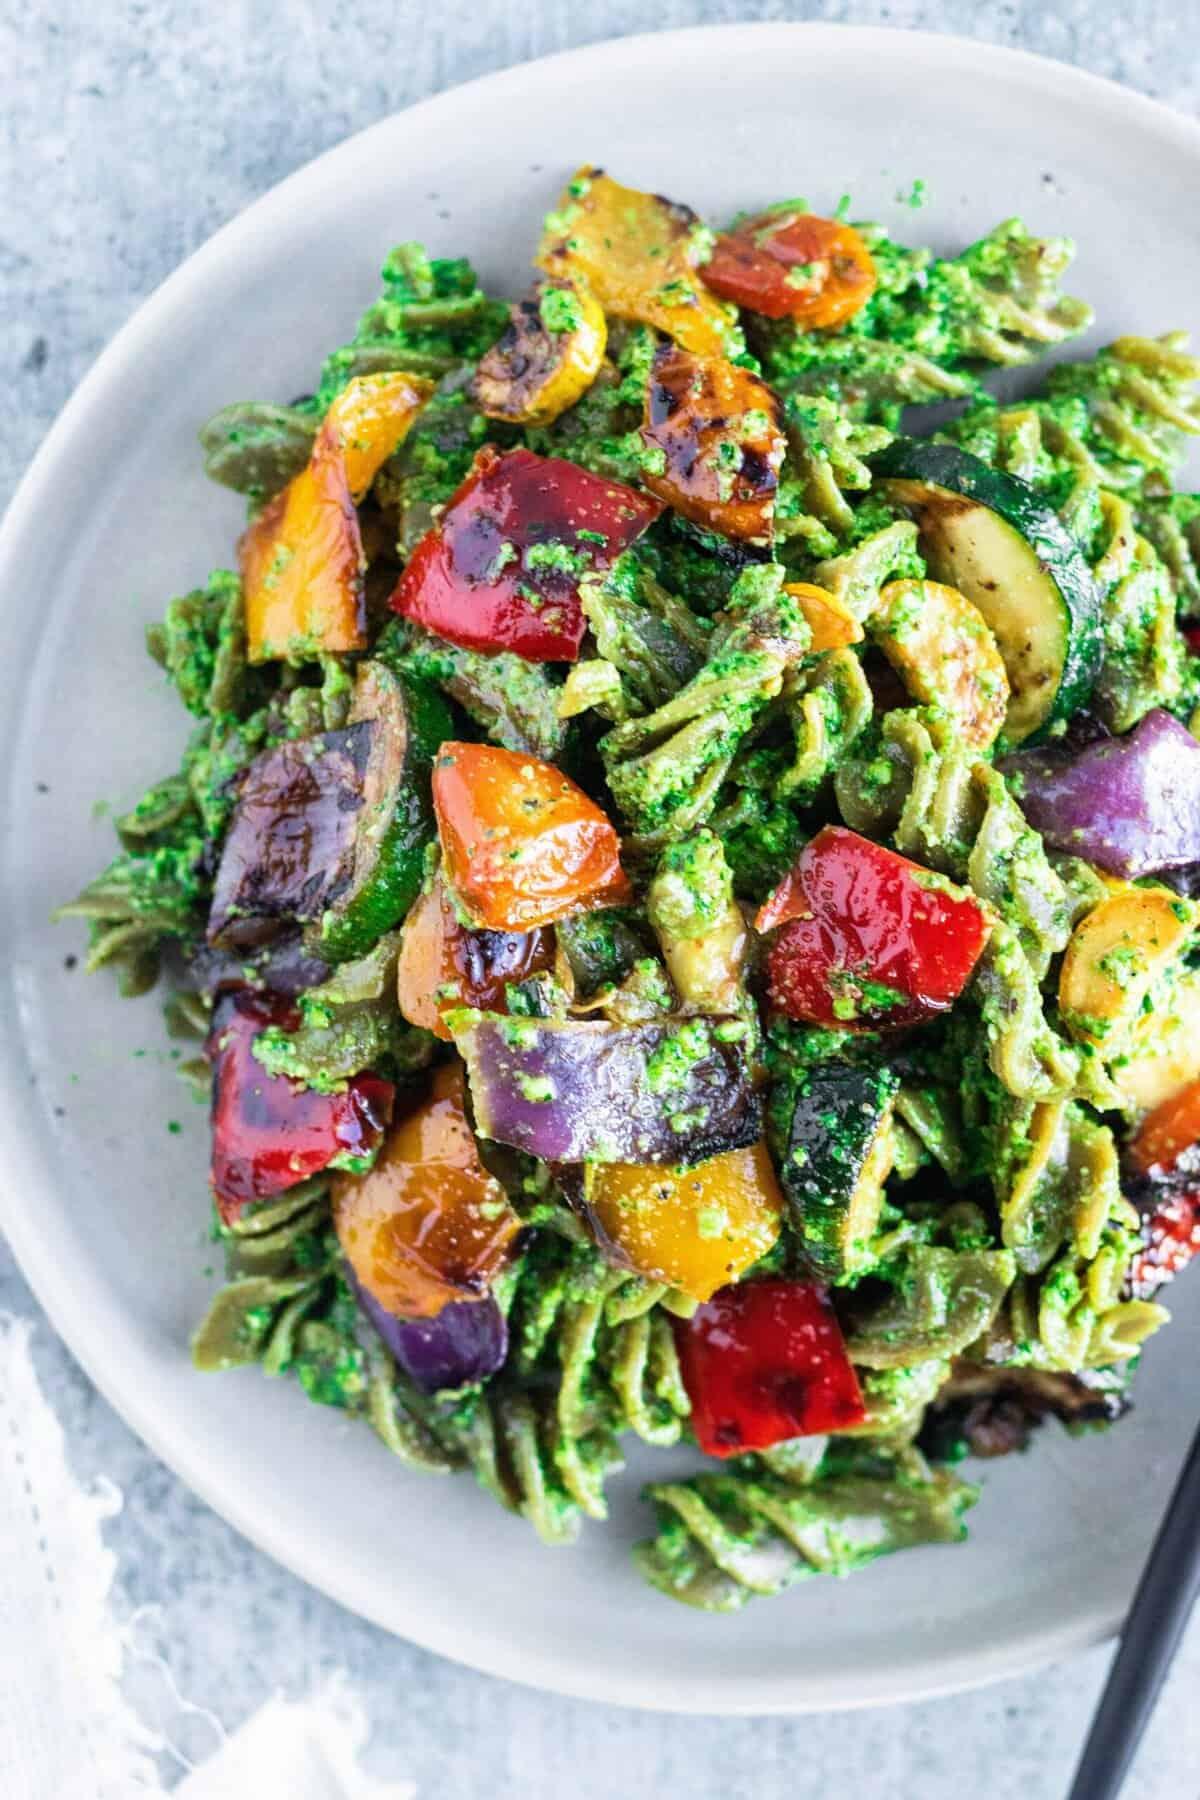 Vegan Pesto Pasta Recipe with Grilled Summer Veggies